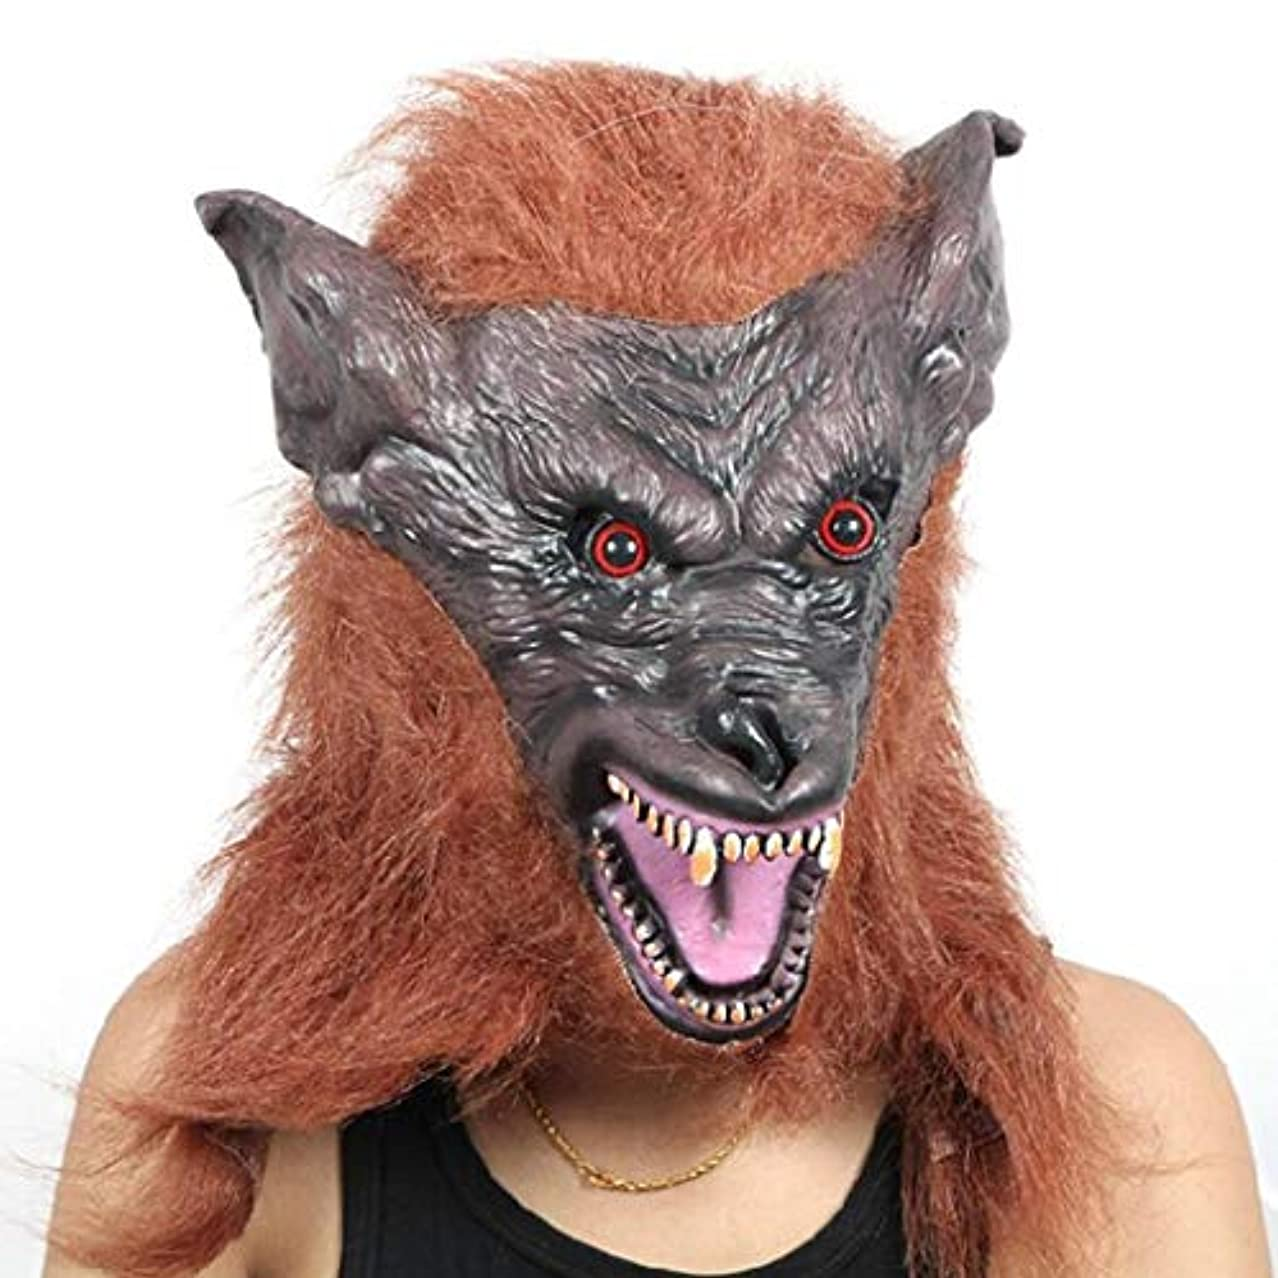 韓国高潔なアンビエントハロウィンゴーストマスクホラーマスクホラーラテックスヘッドカバー映画小道具仮面舞踏会マスク